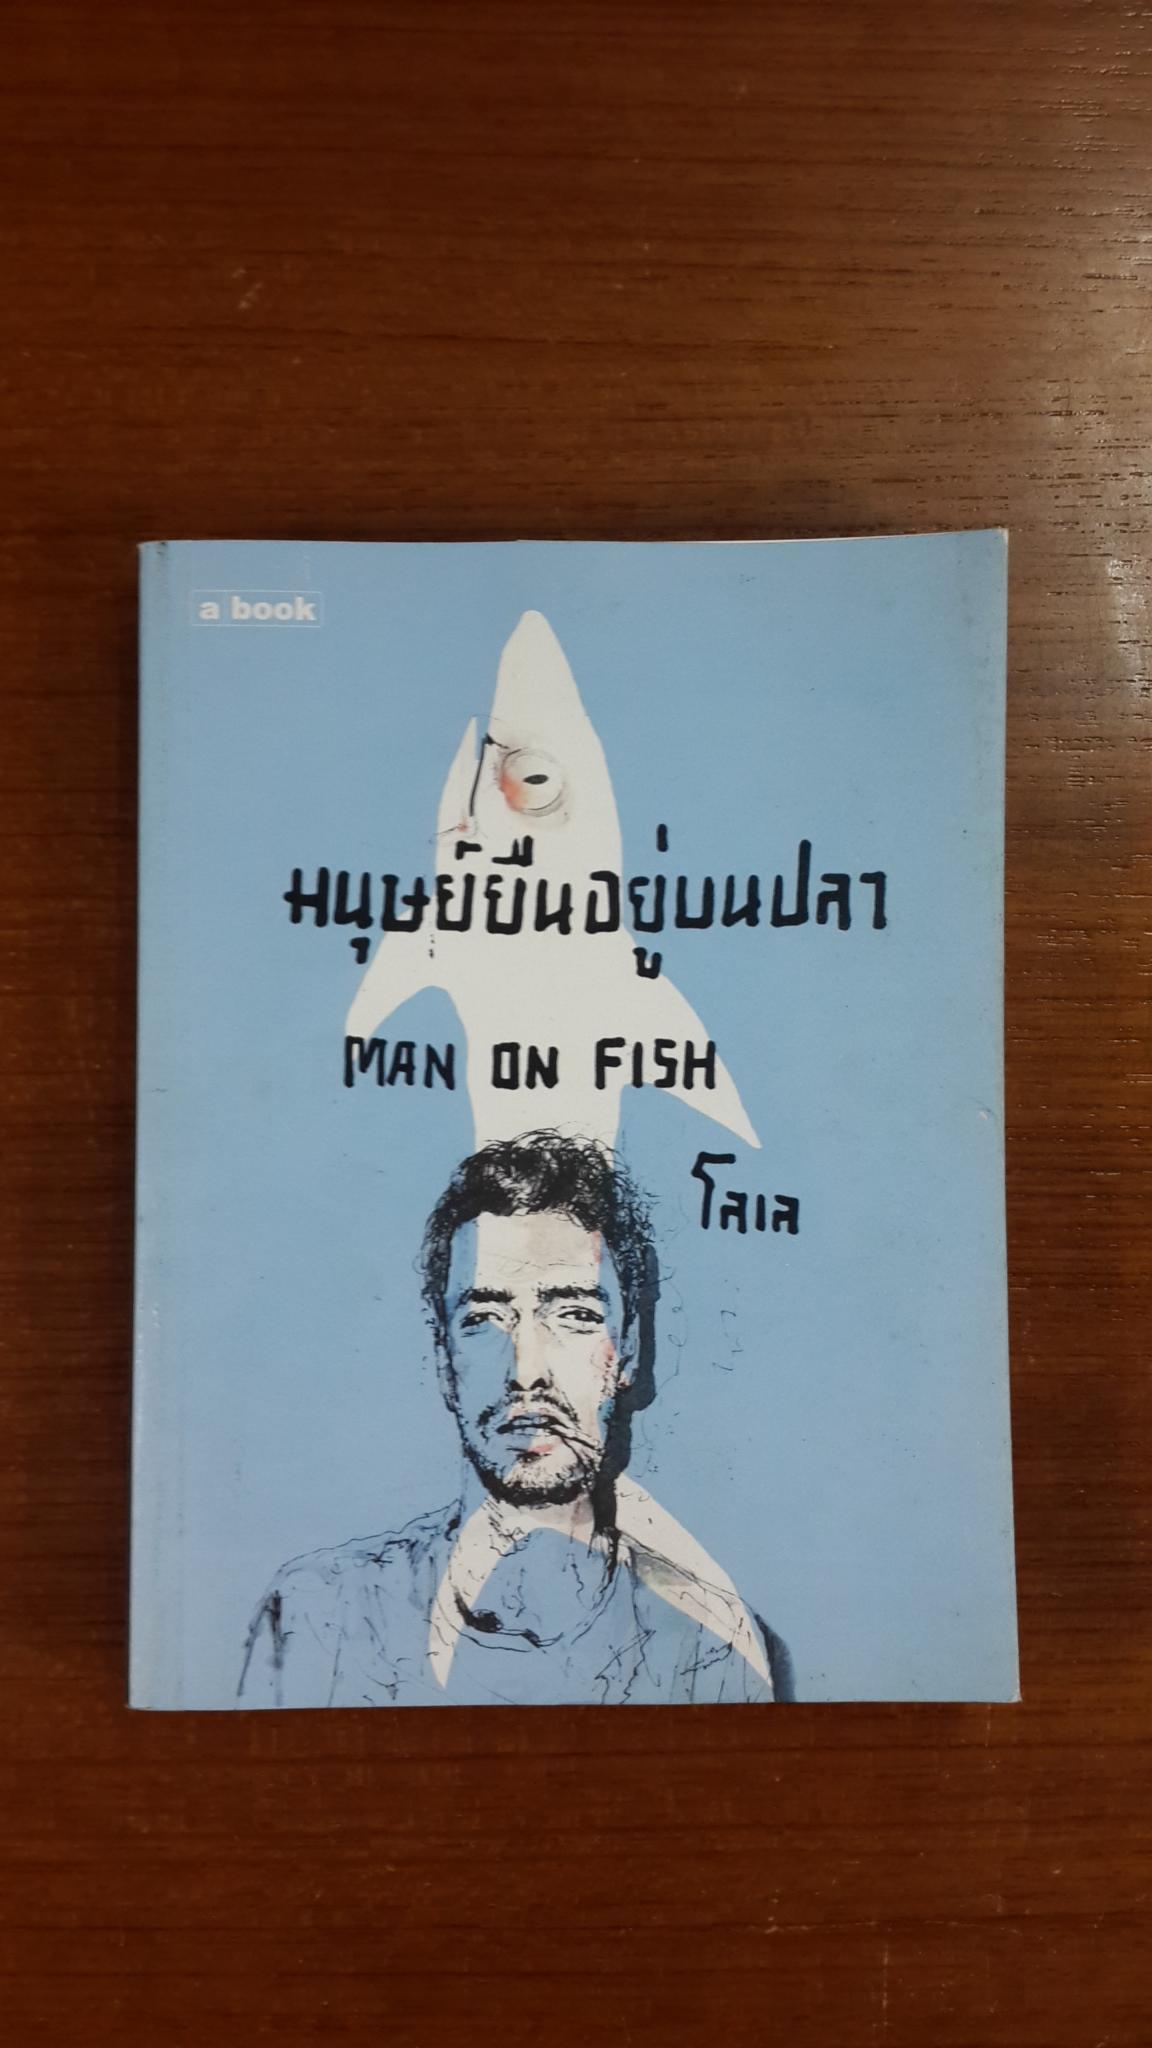 มนุษย์ยืนอยู่บนปลา / โลเล